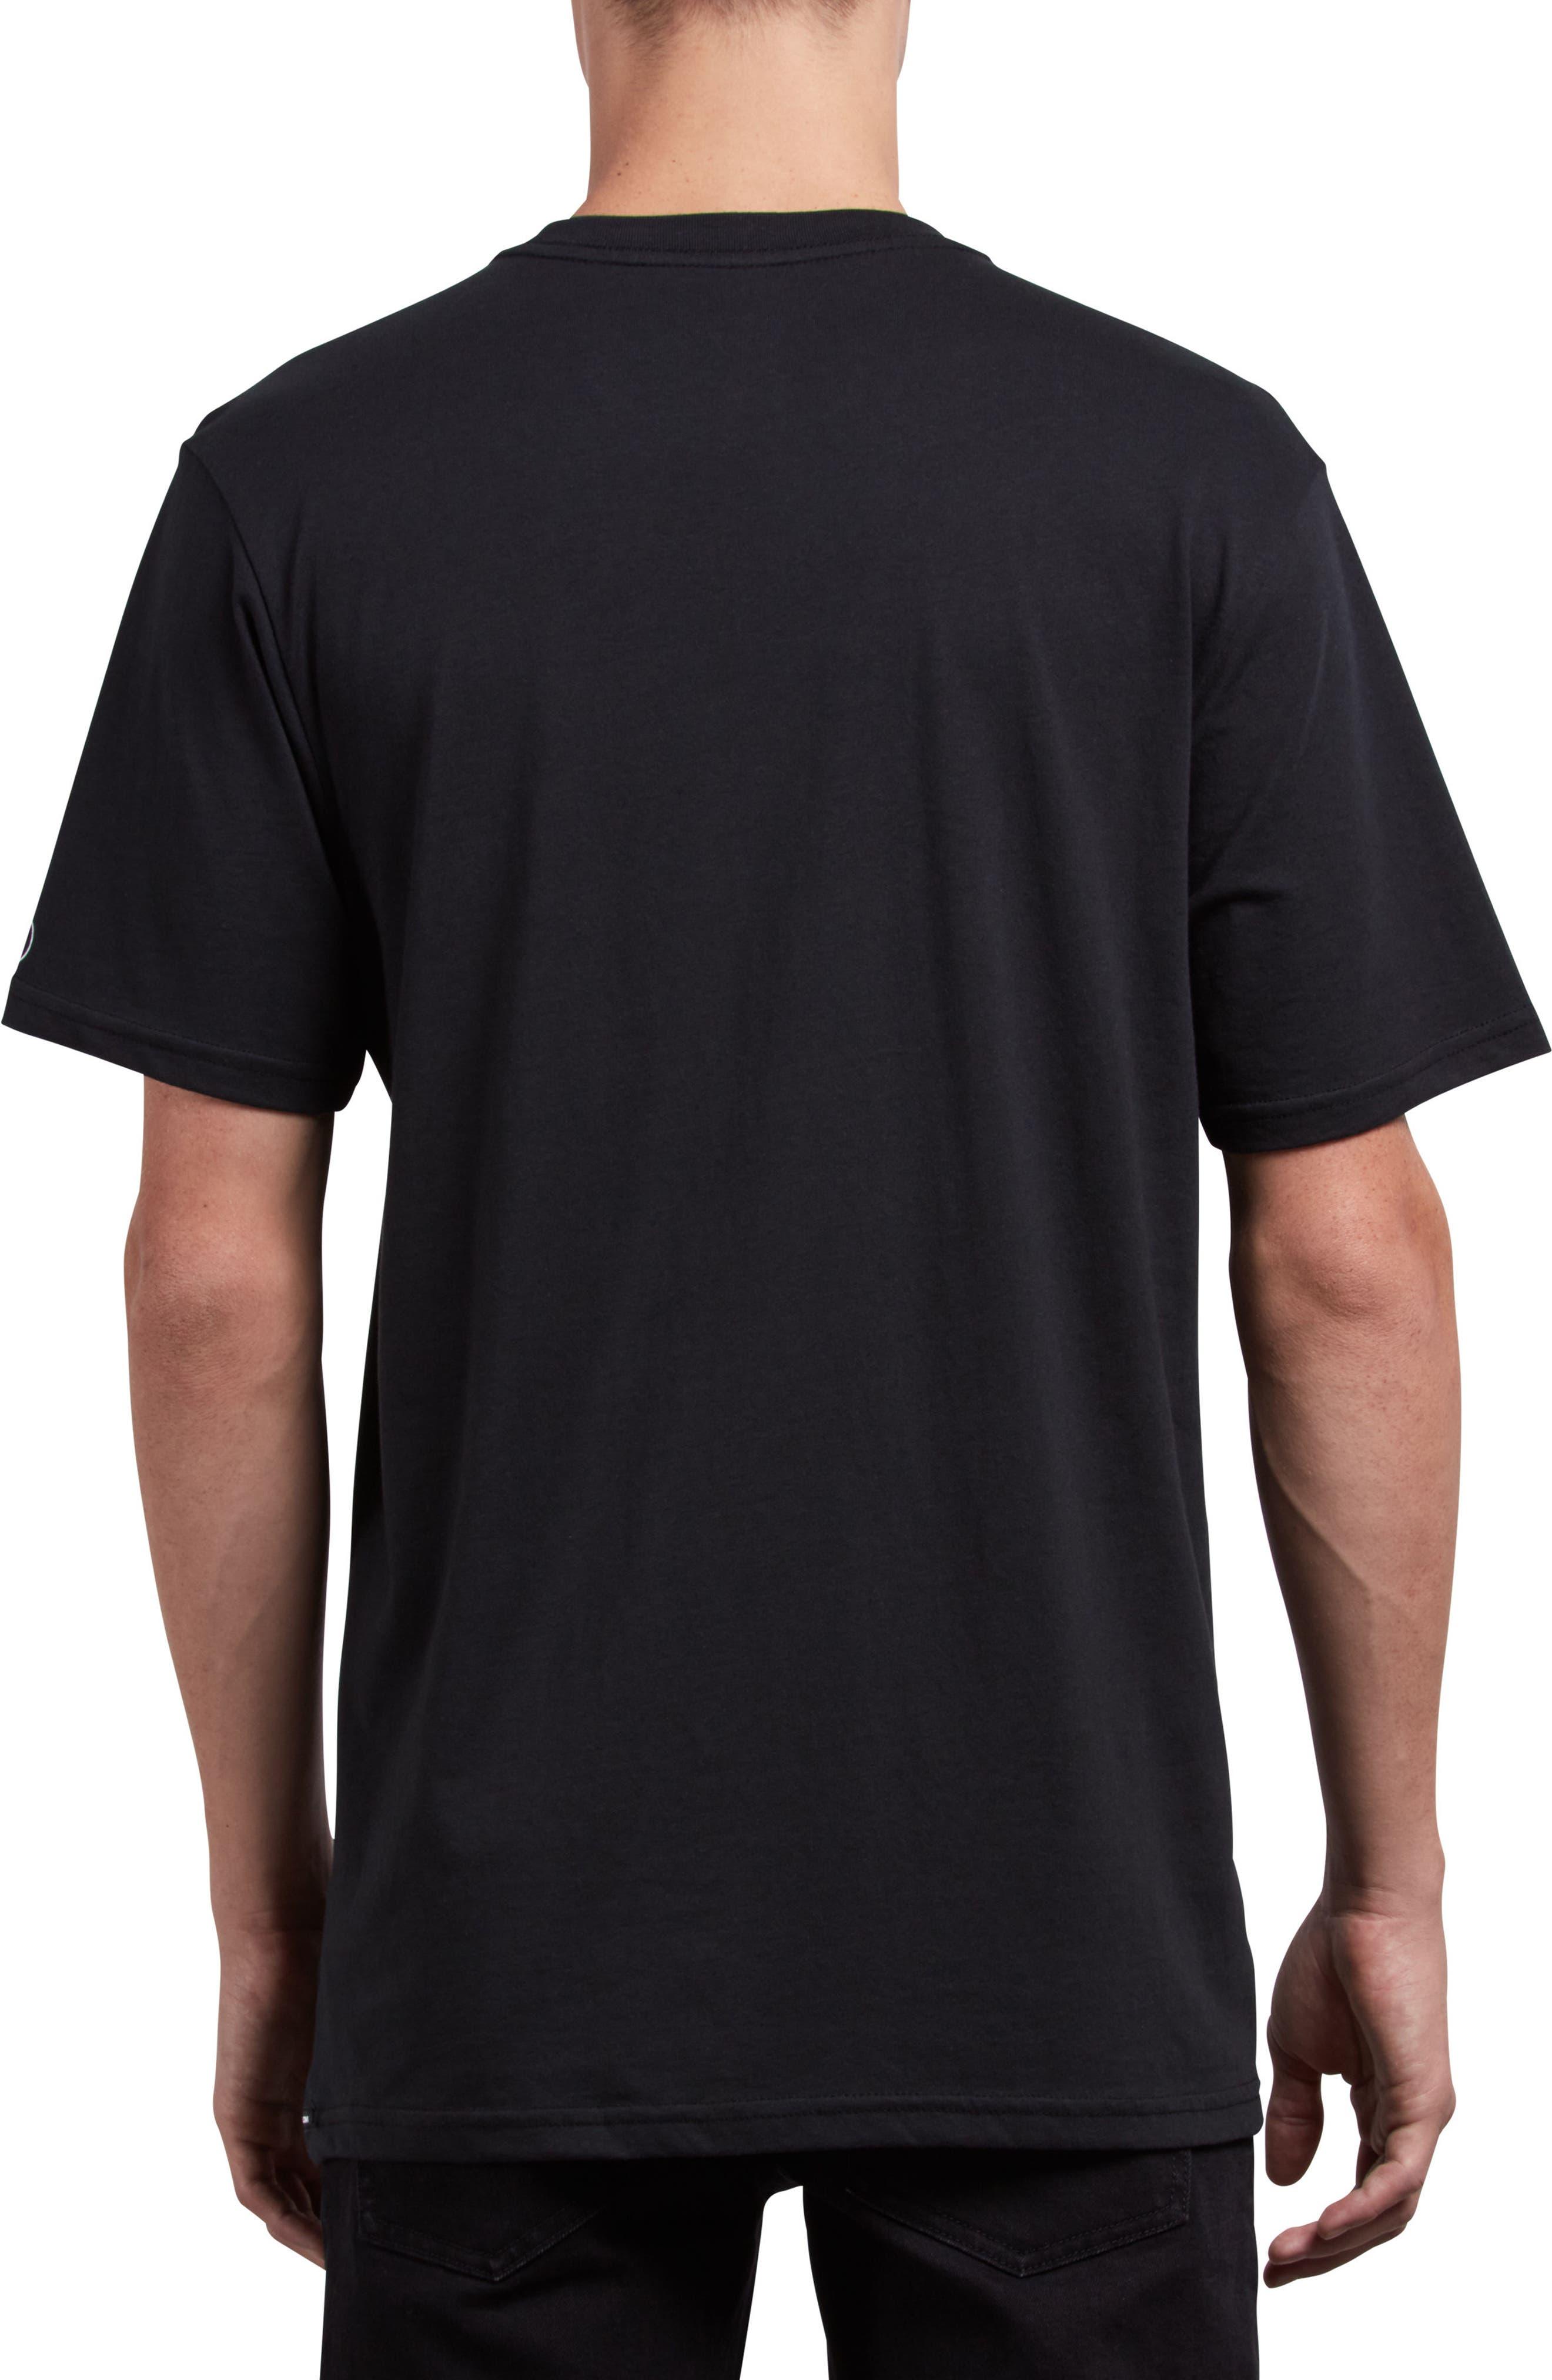 Premium Basic T-Shirt,                             Alternate thumbnail 2, color,                             BLACK